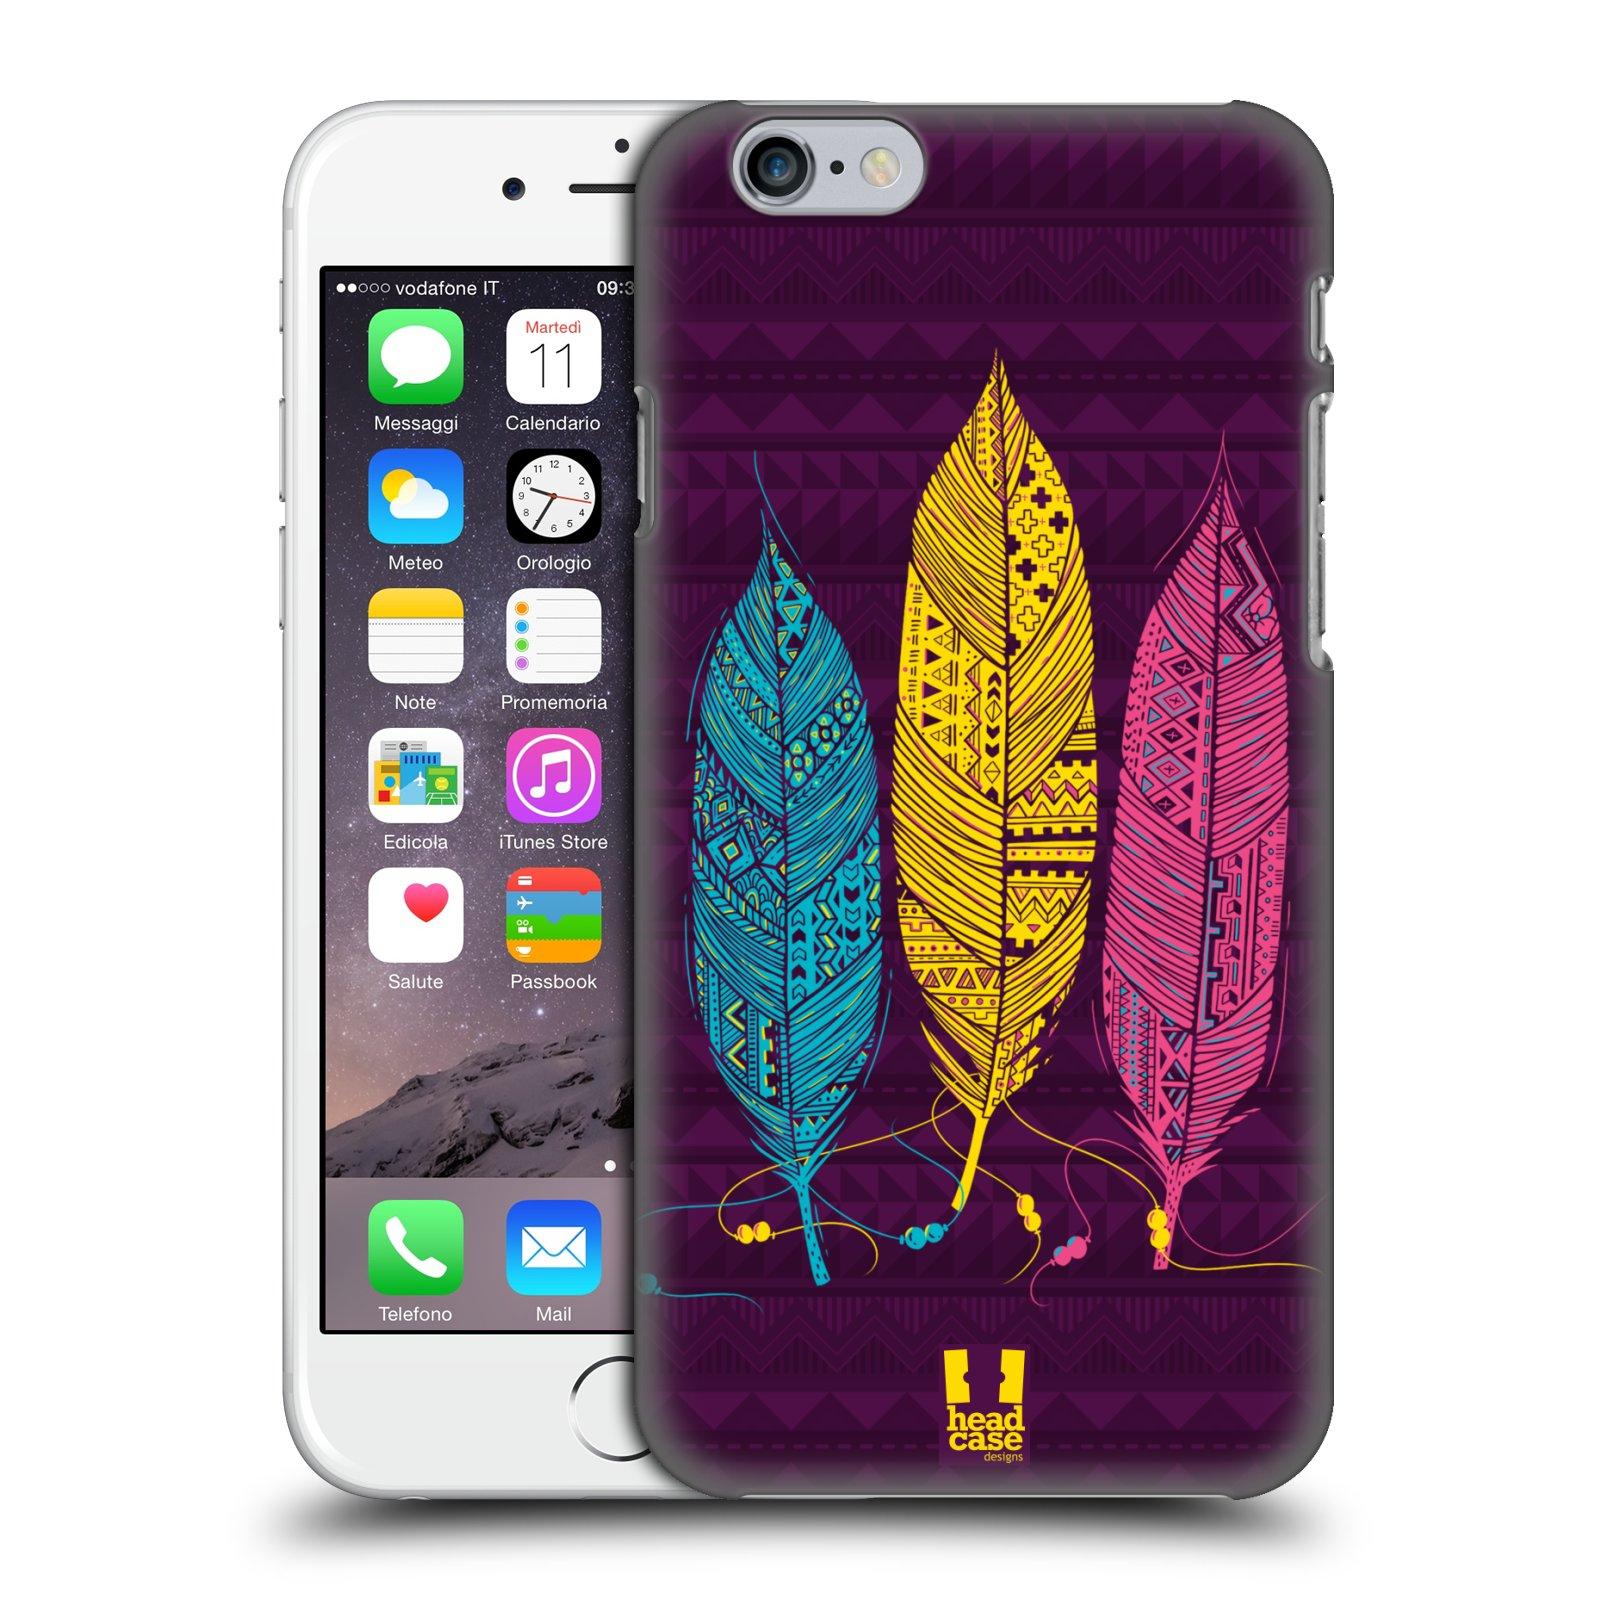 Plastové pouzdro na mobil Apple iPhone 6 a 6S HEAD CASE AZTEC PÍRKA 3 BAREV (Kryt či obal na mobilní telefon Apple iPhone 6 a 6S)